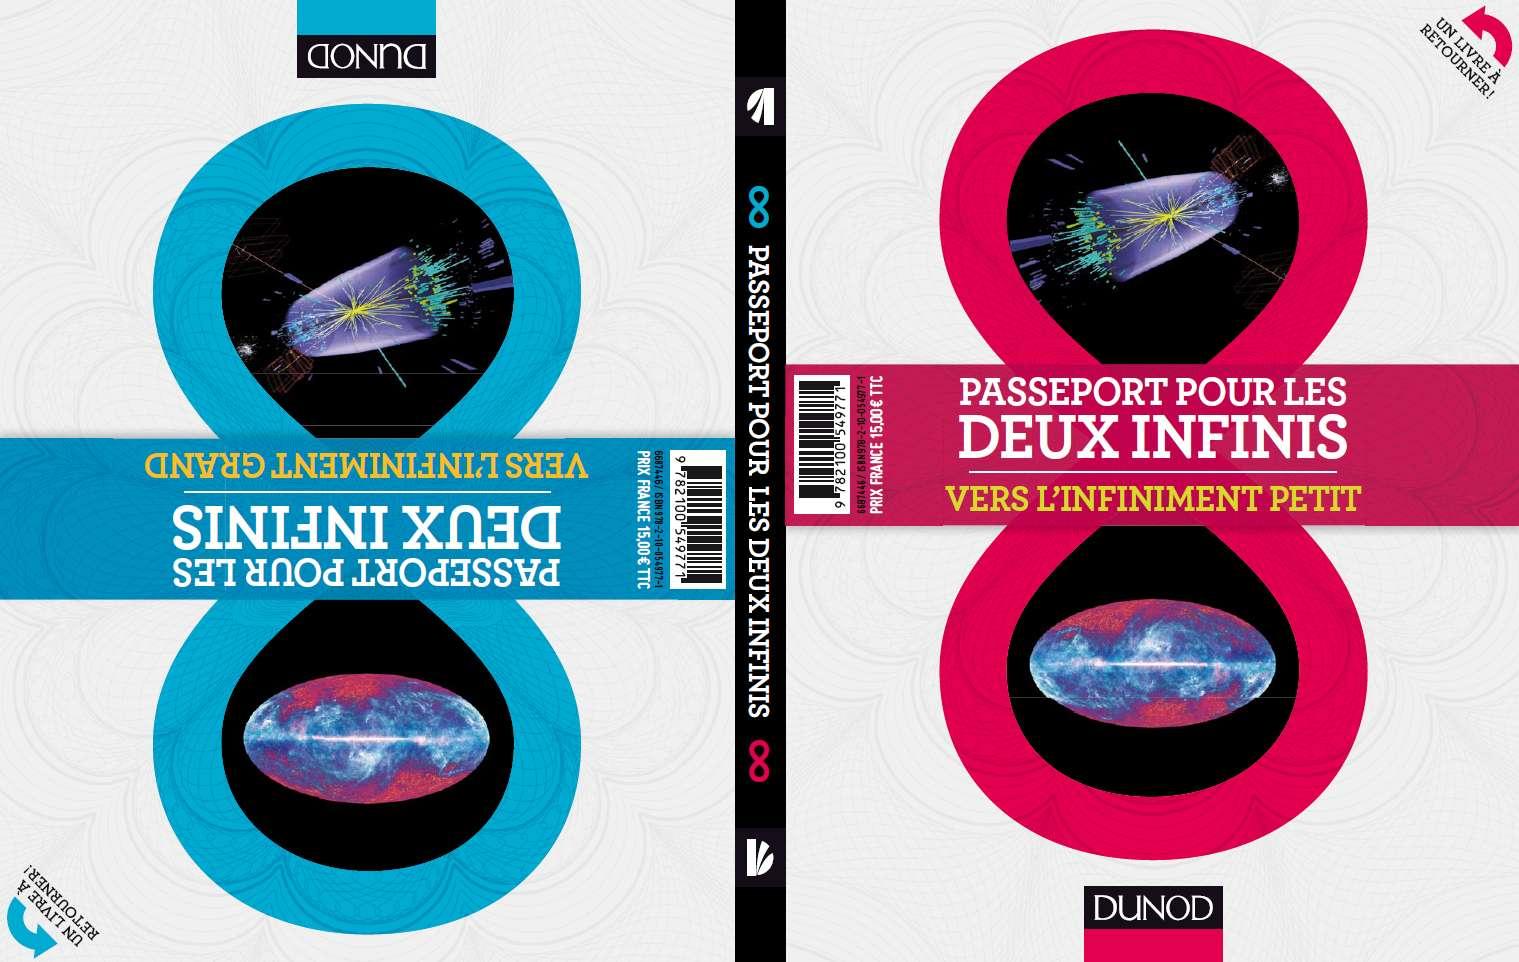 L'ouvrage Passeport pour les deux infinis, aux éditions Dunod, présente deux livres en un ! Chaque face du livre vous emmène à un extrême, l'infiniment petit ou l'infiniment grand. © Dunod